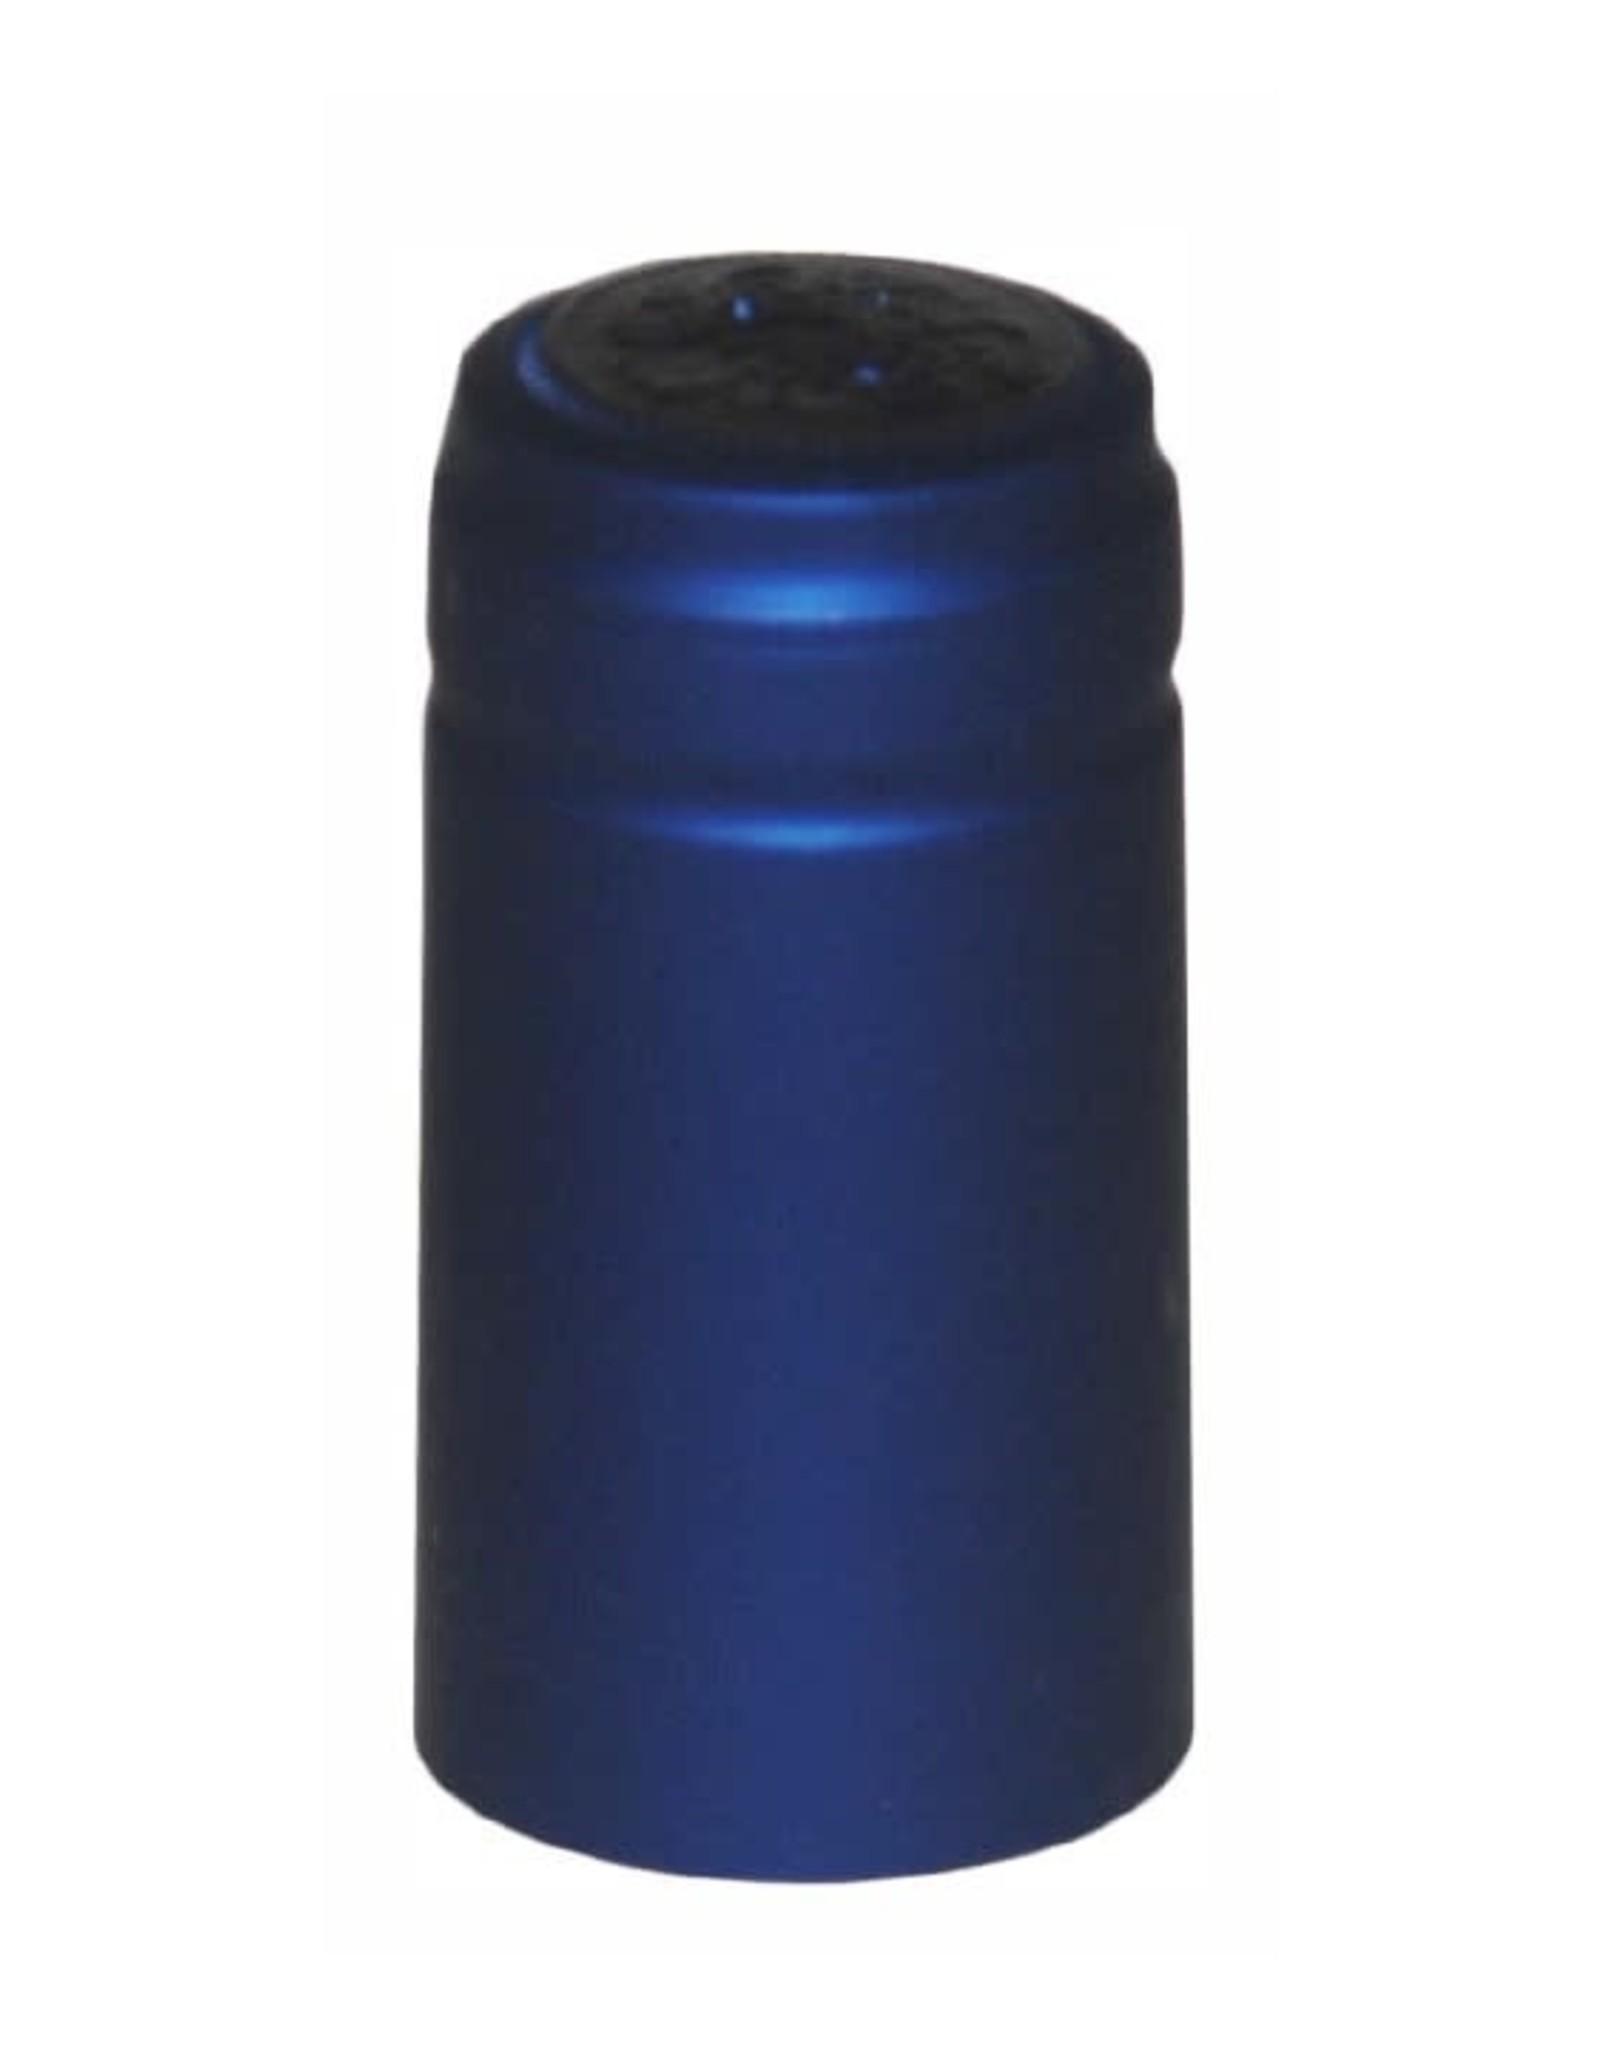 COBALT BLUE METALLIC PVC SHRINK CAPSULES 30 COUNT